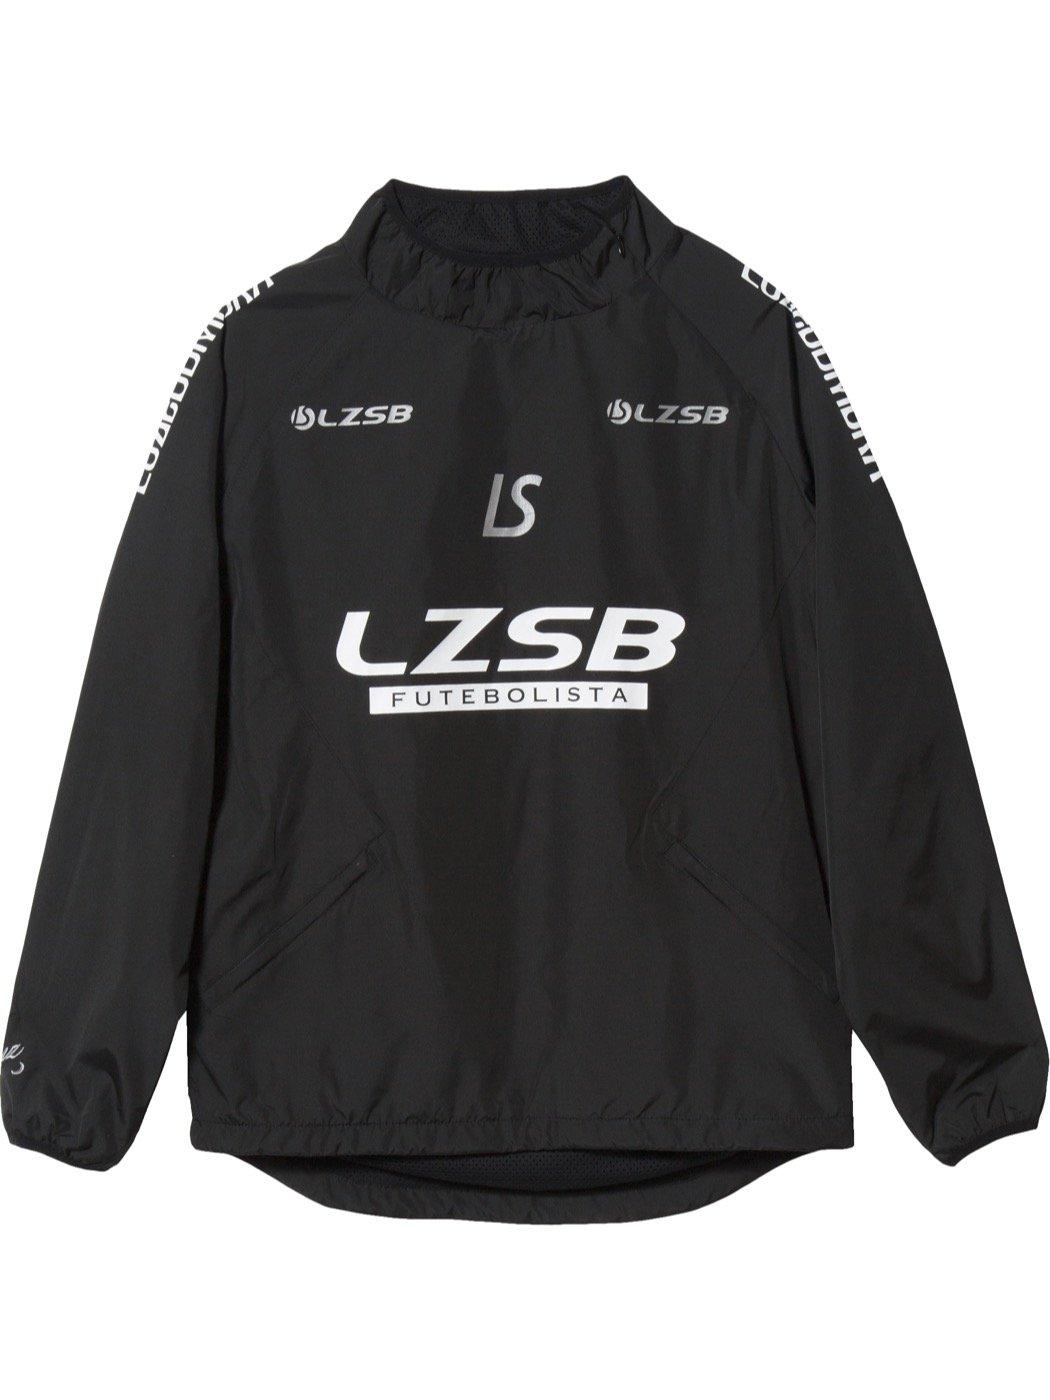 LUZeSOMBRA(ルースイソンブラ) HYBRID タフタトップ F1811104 B079QLJCZMブラック Large